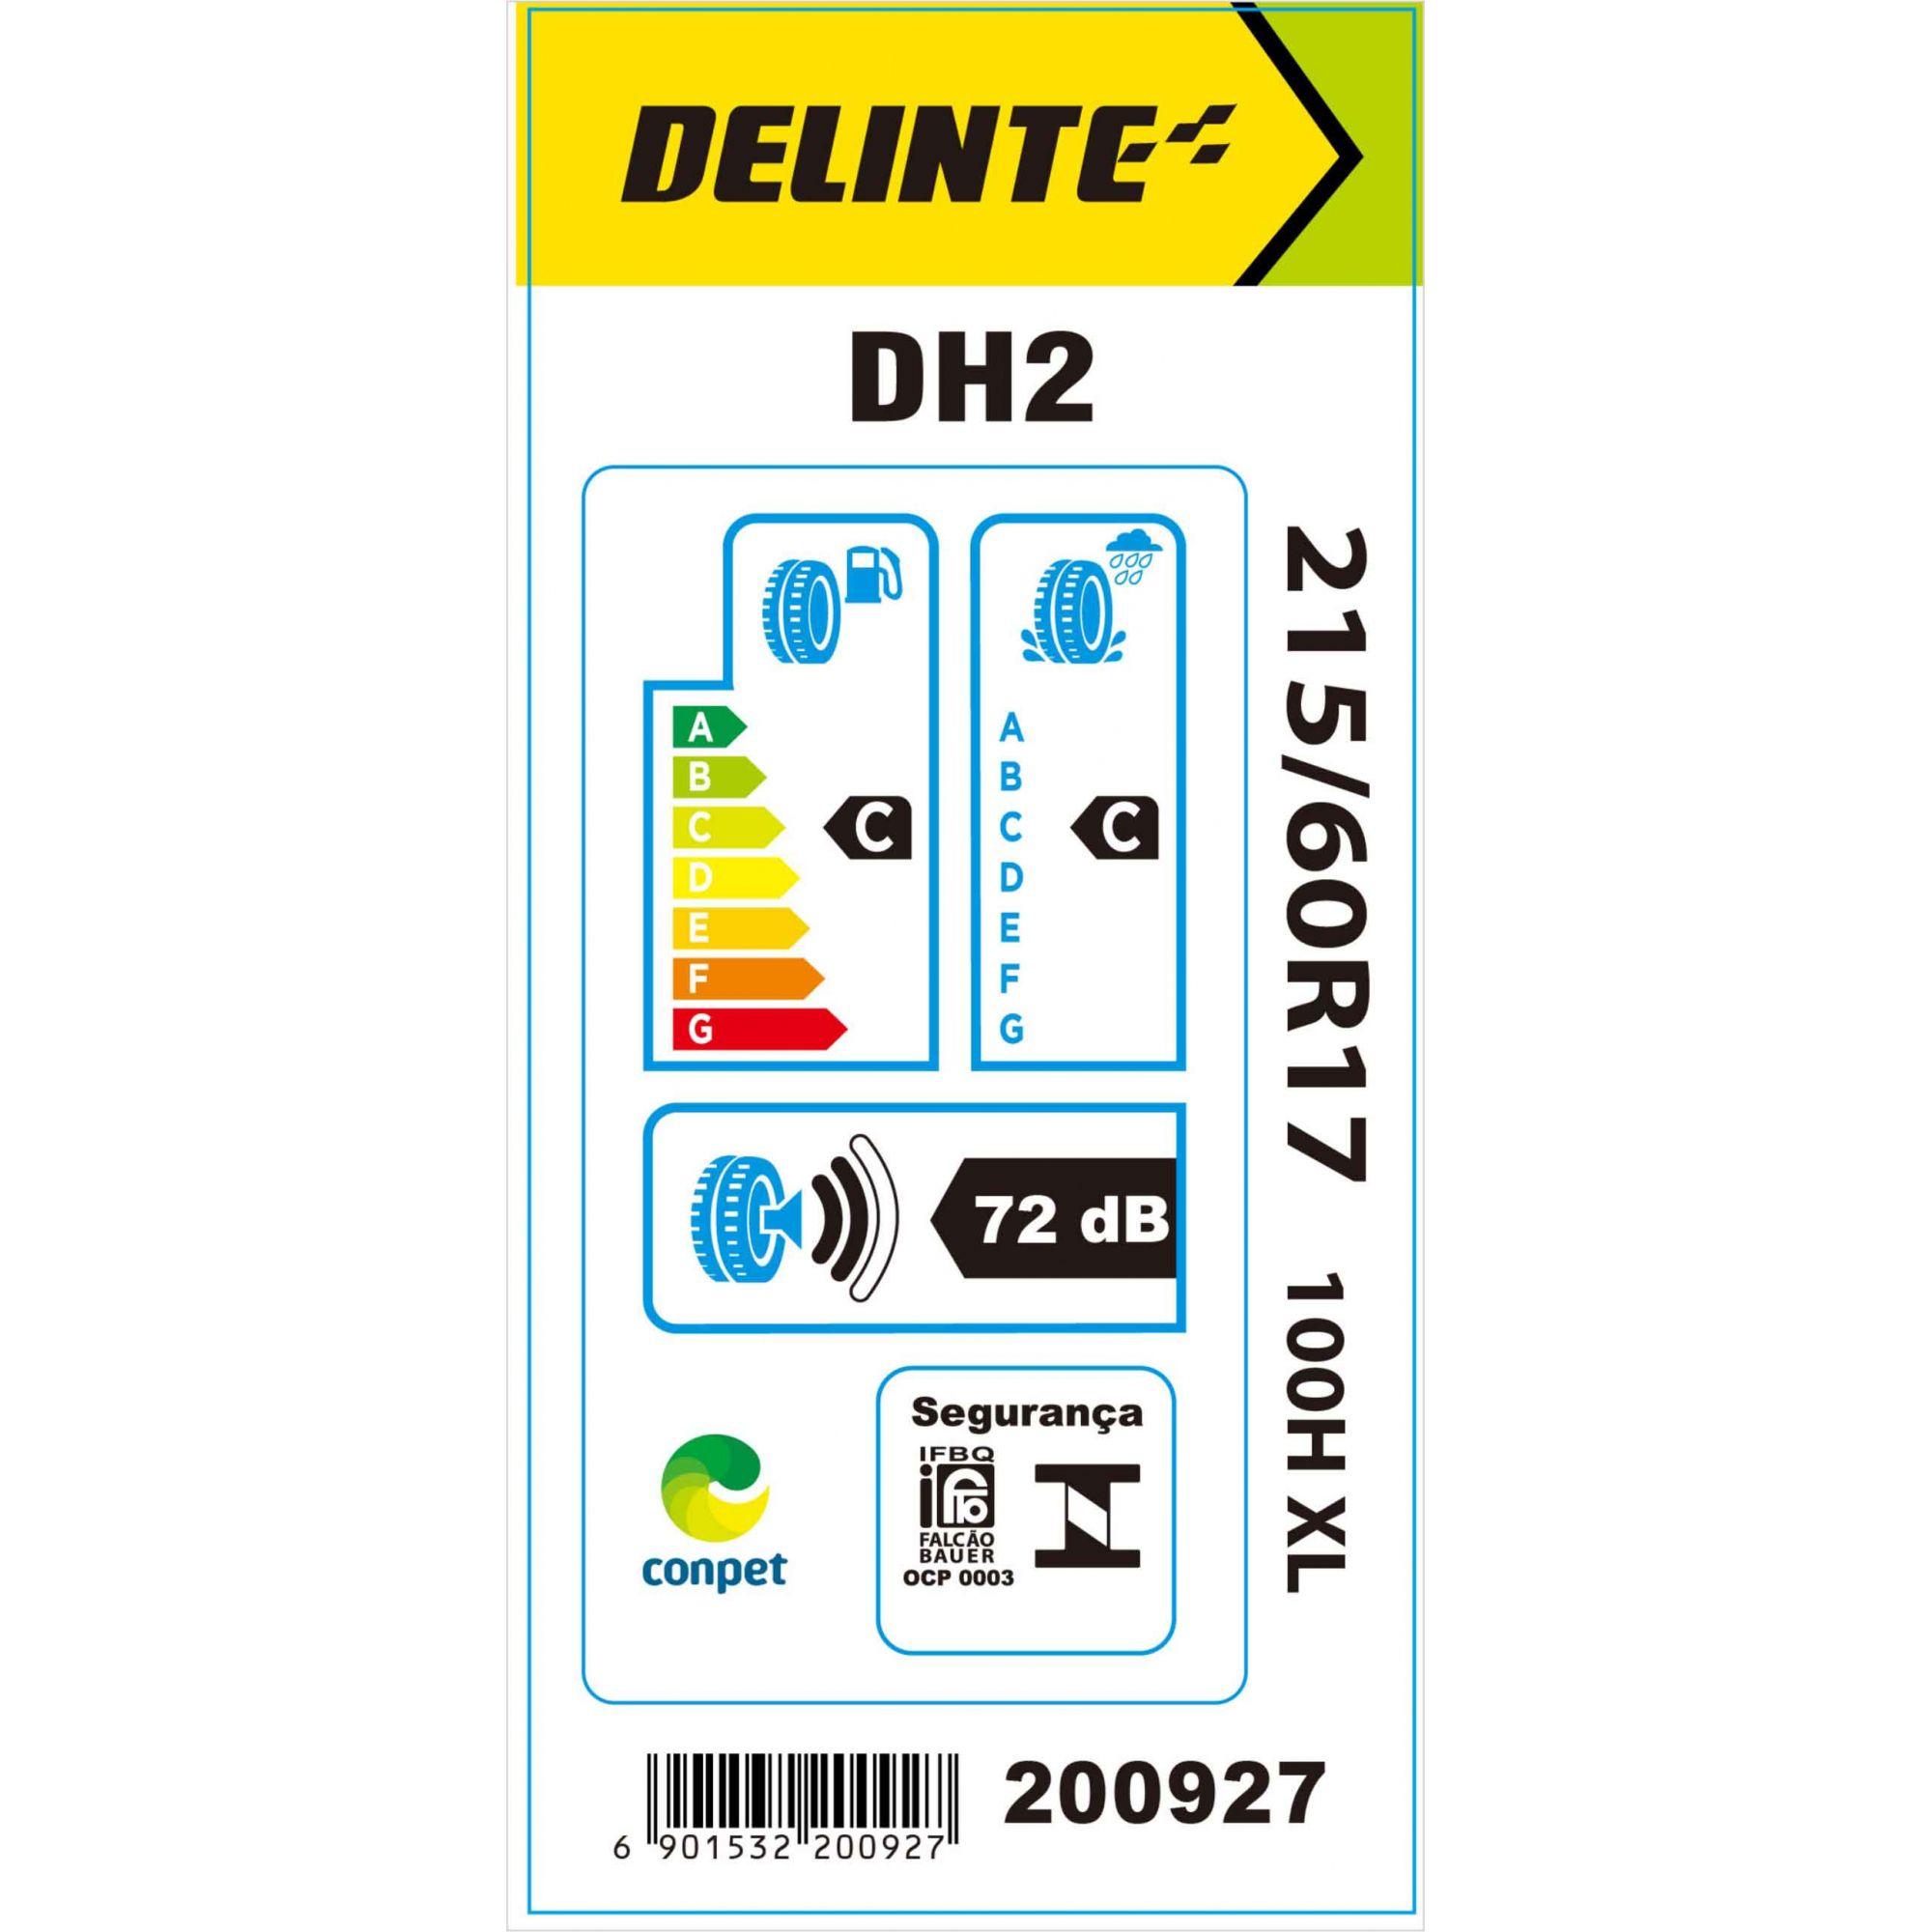 Pneu 215/60R17 Delinte DH2 100H